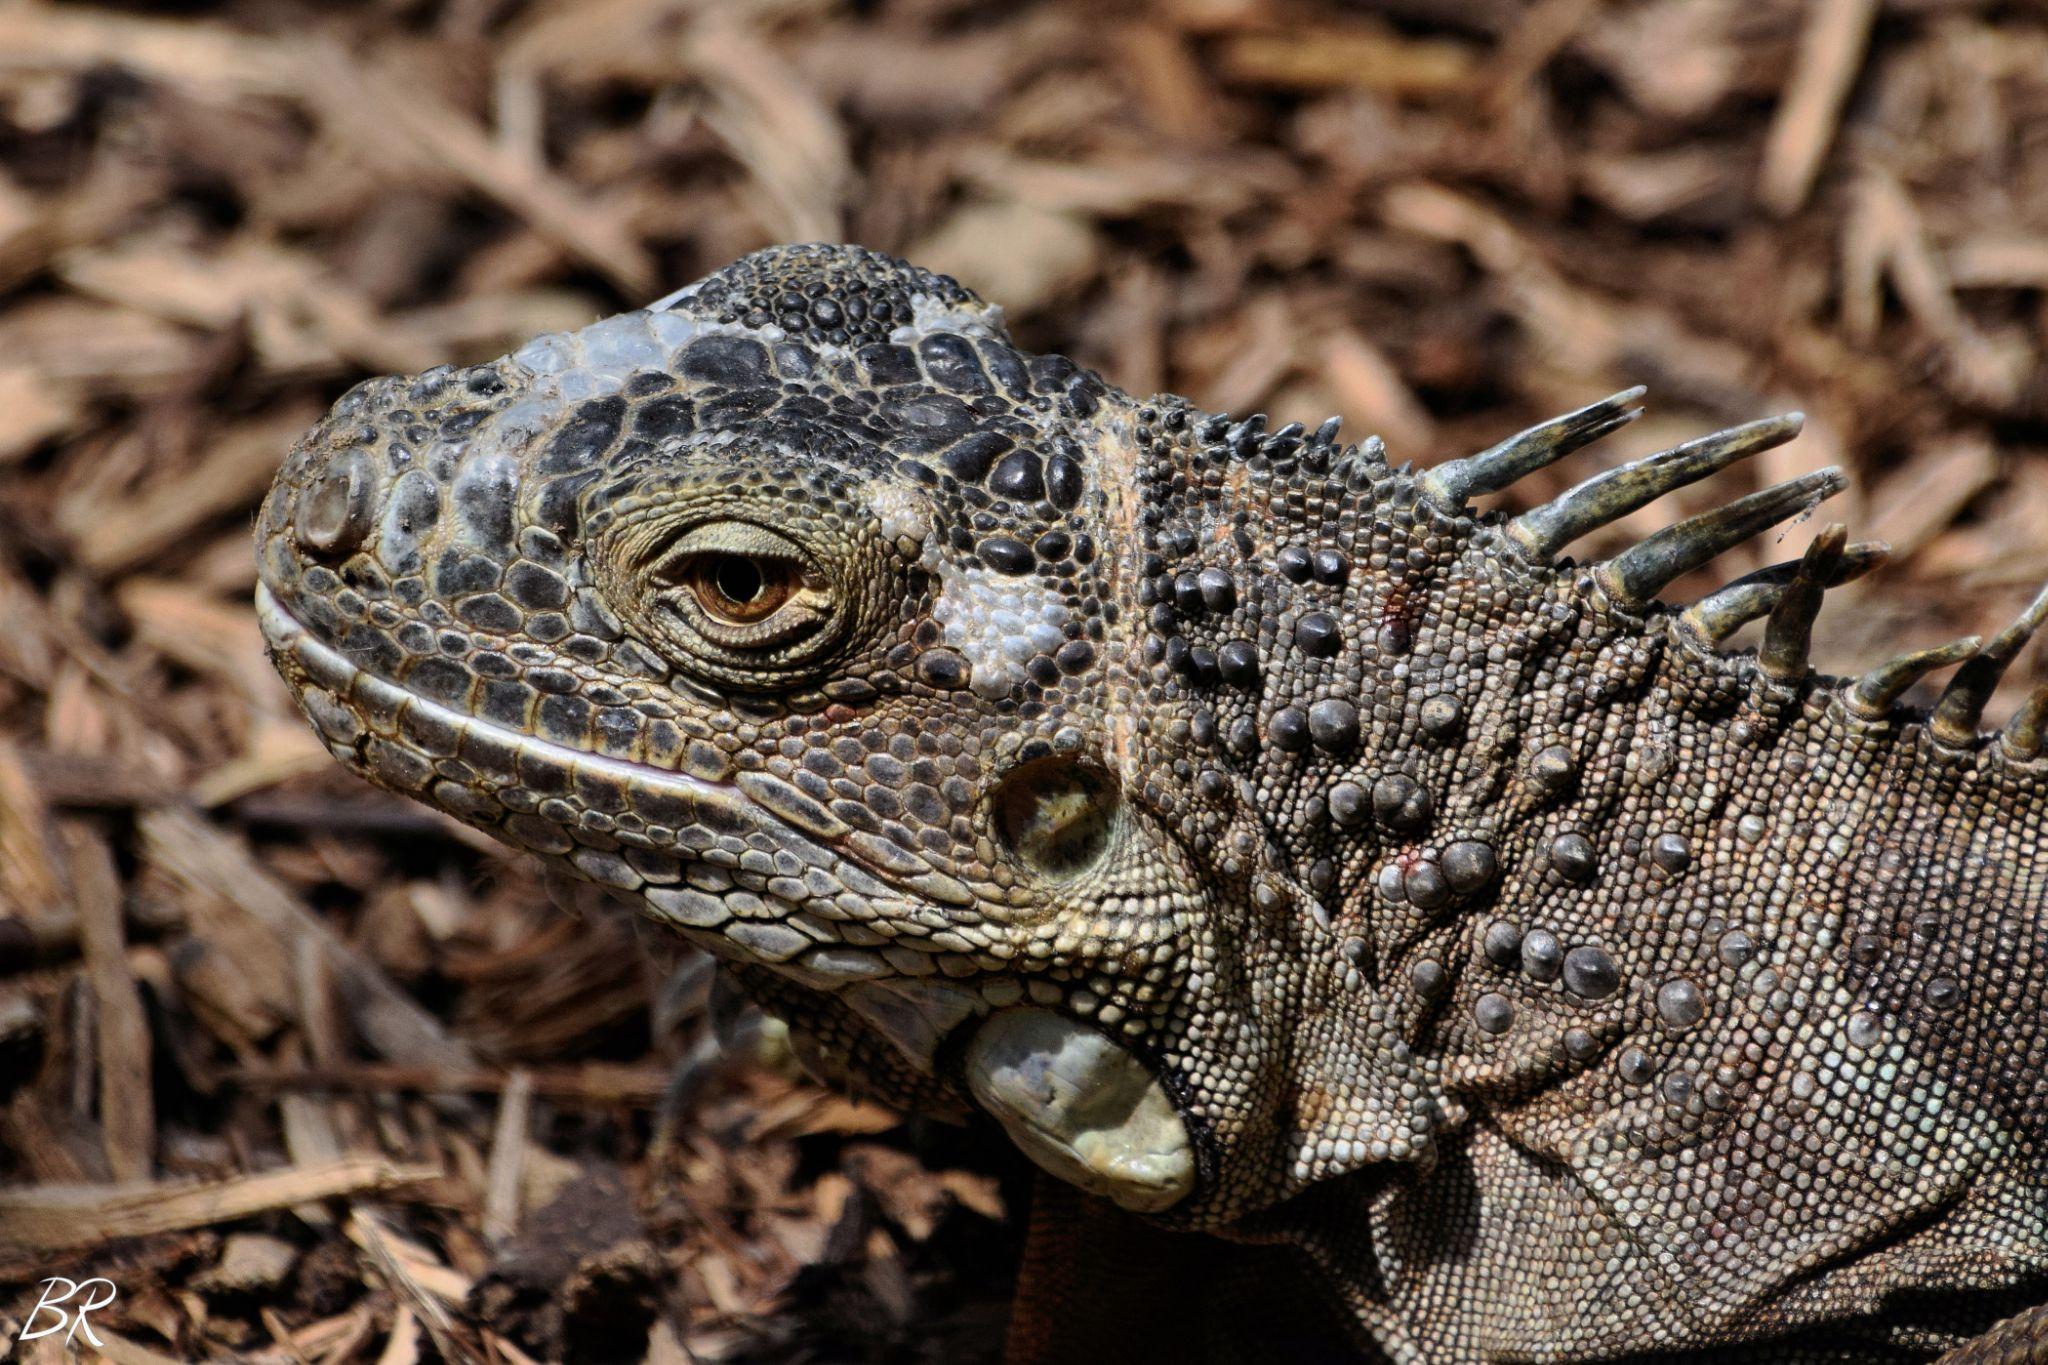 Iguana by Bruna R.